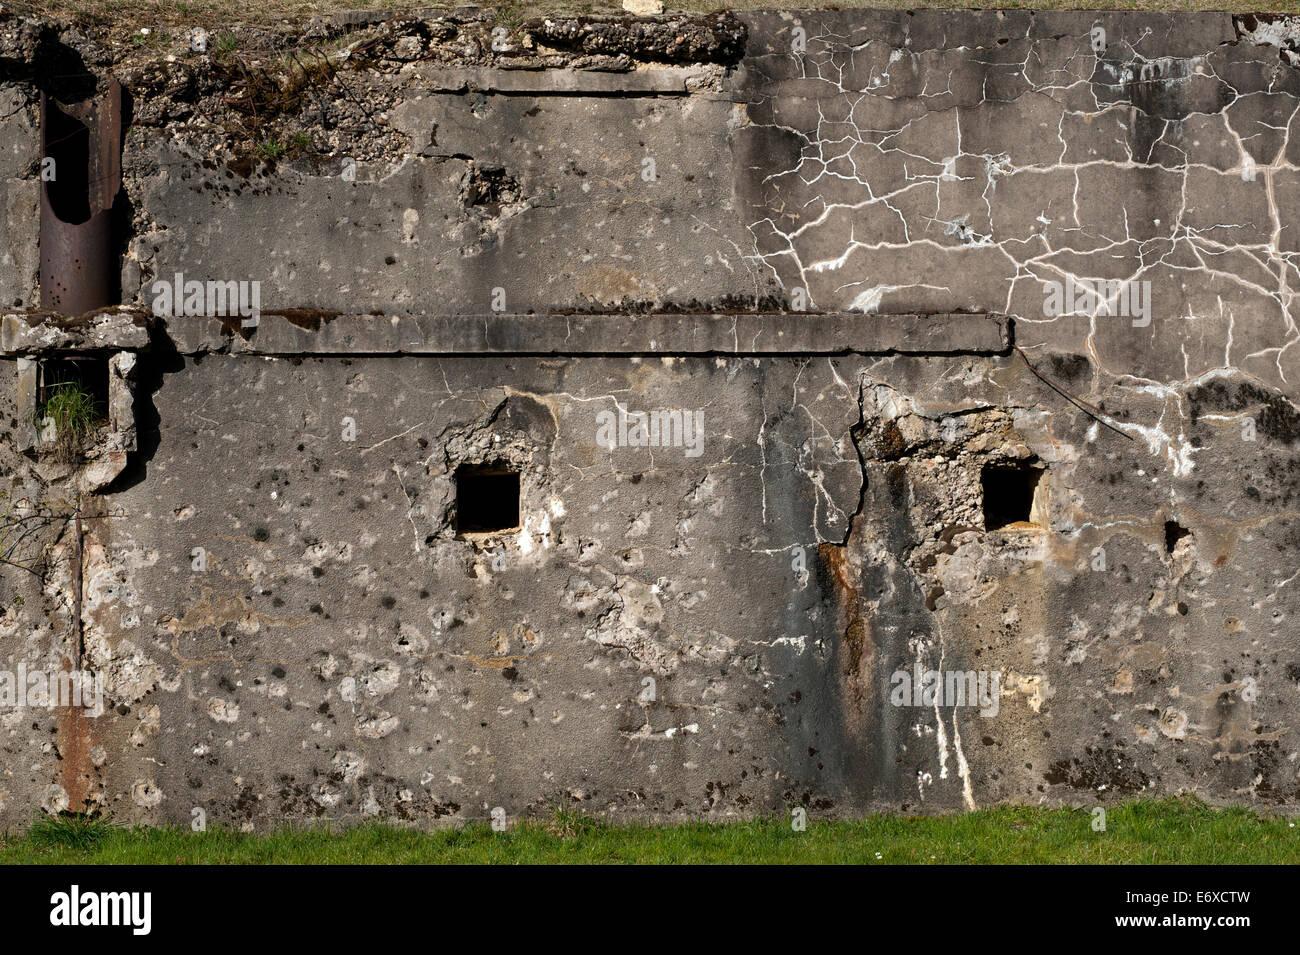 Verdun WW1 Battlefield site, Verdun-sur-Meuse, France. March 2014 Seen here : Verdun Ouvrage de Froideterre Battlefield - Stock Image